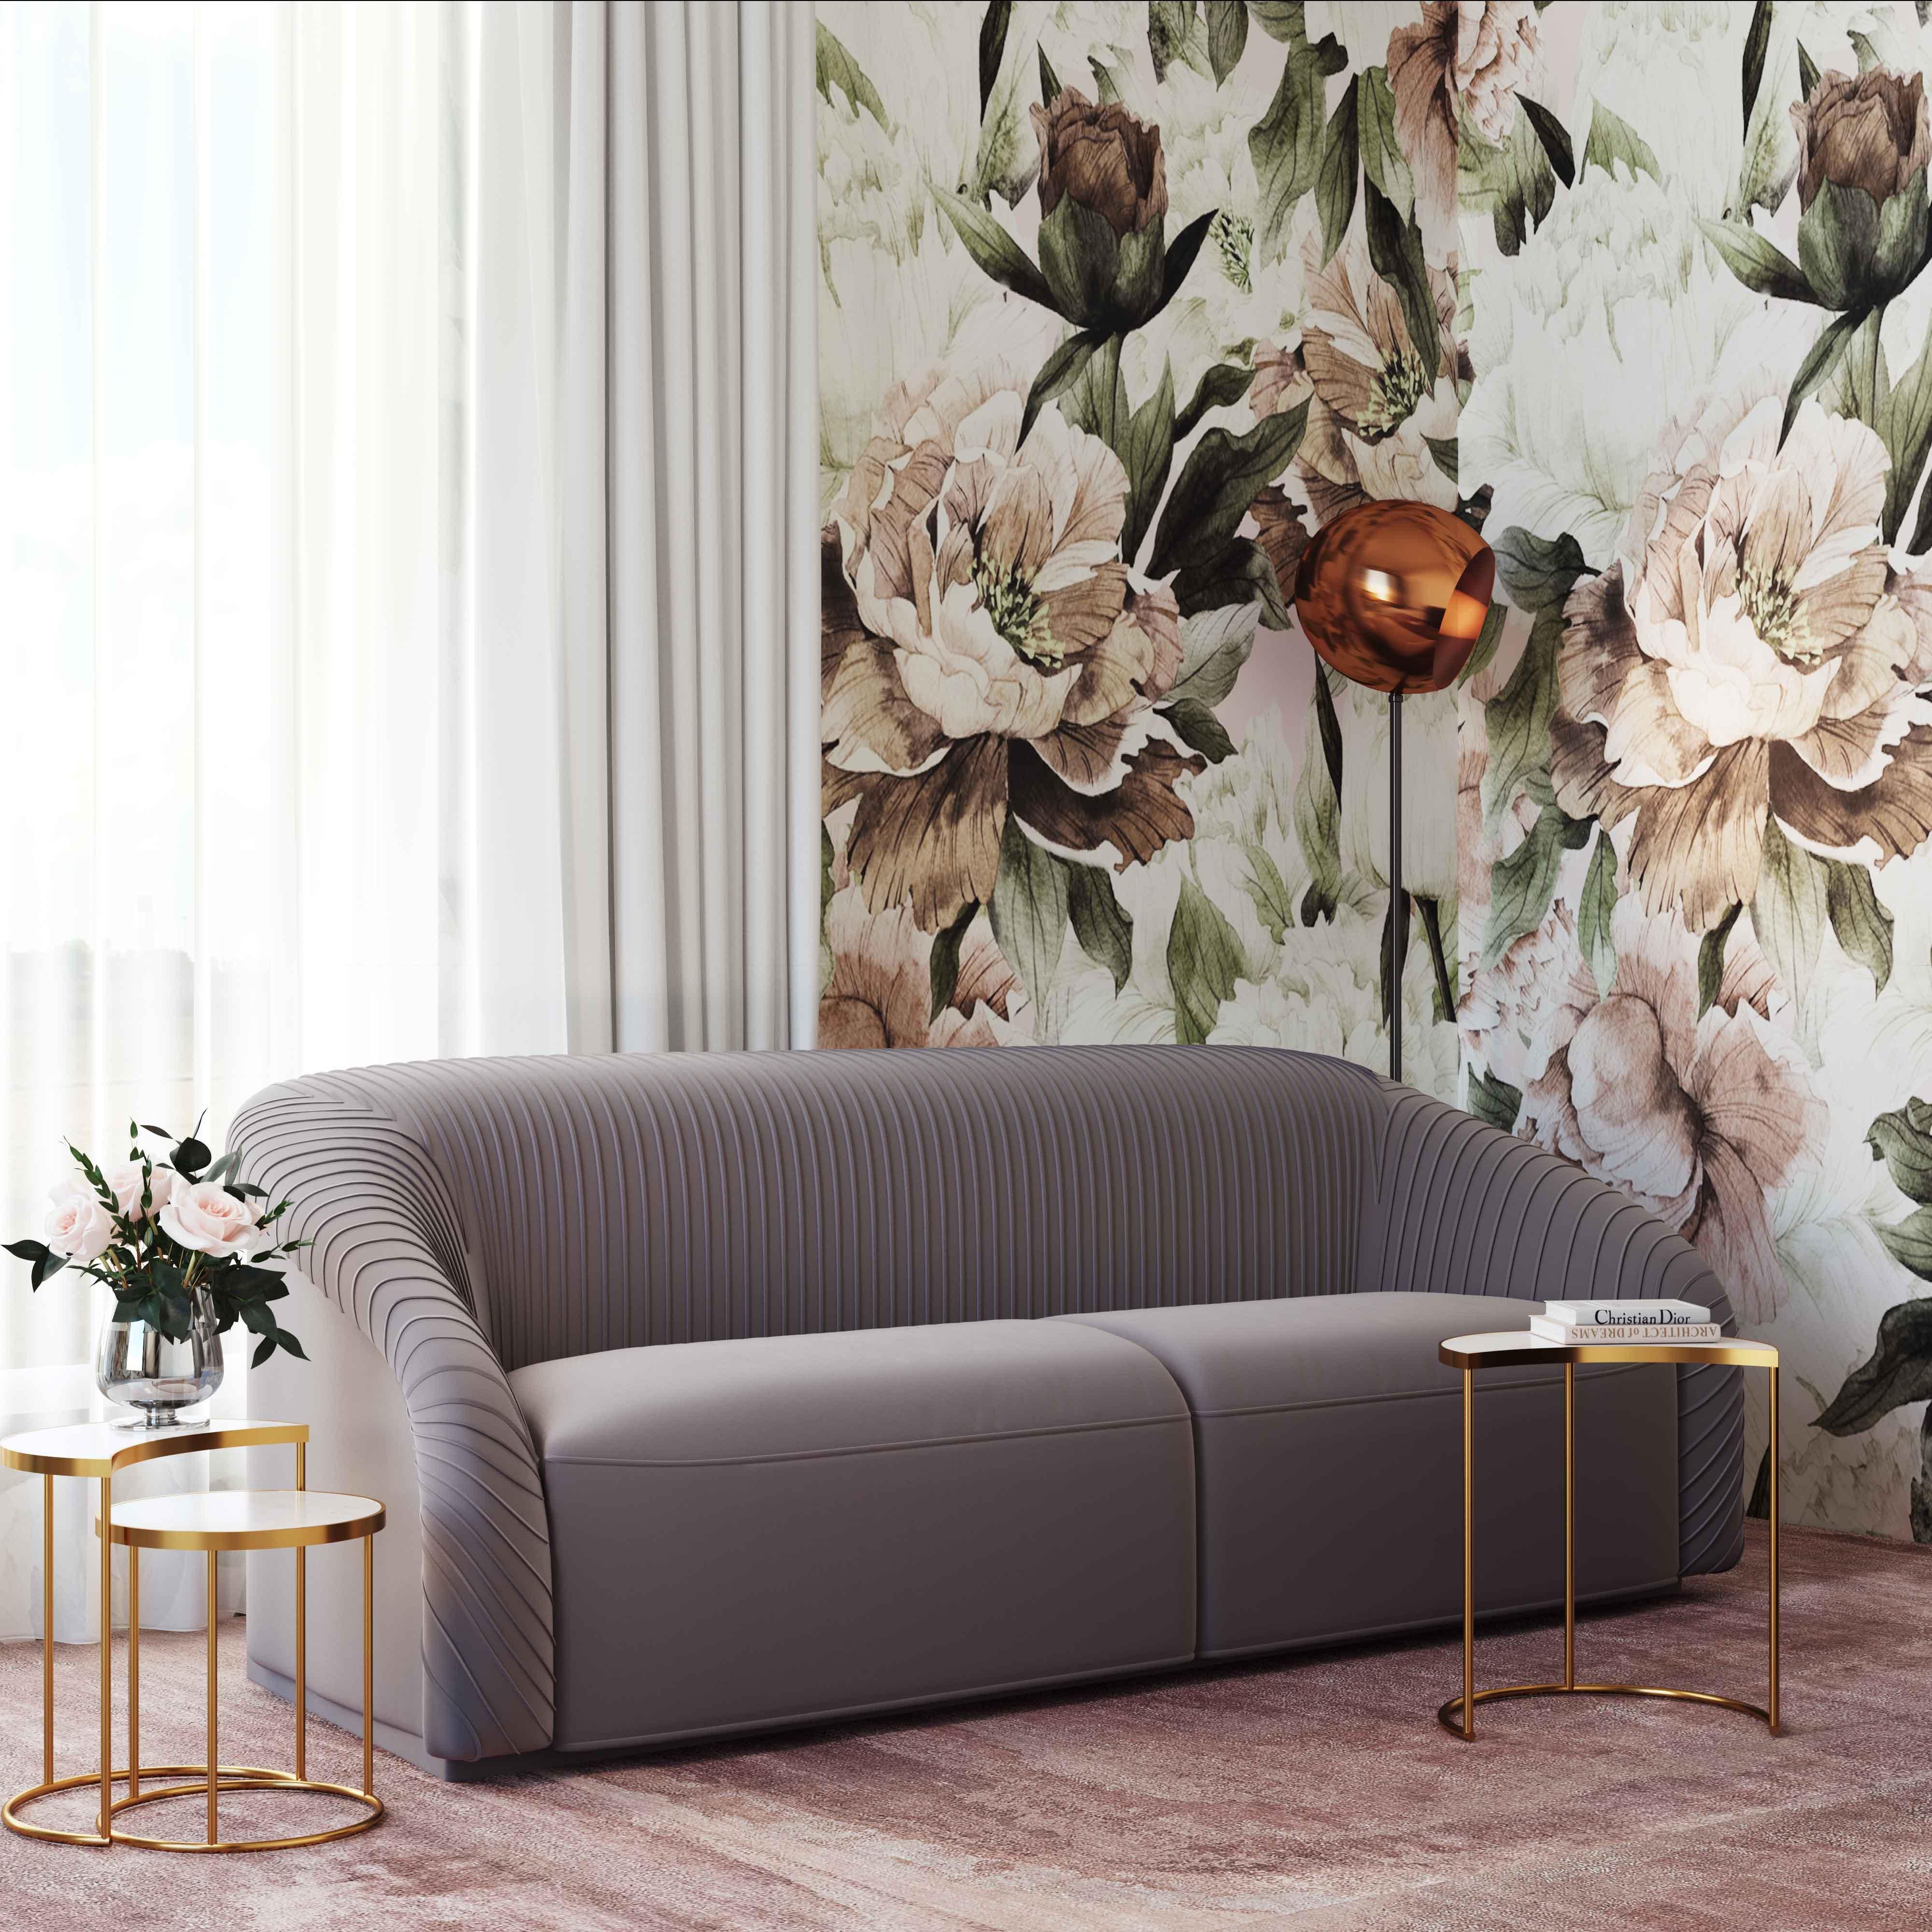 Pictures of Velvet Sofa Living Room